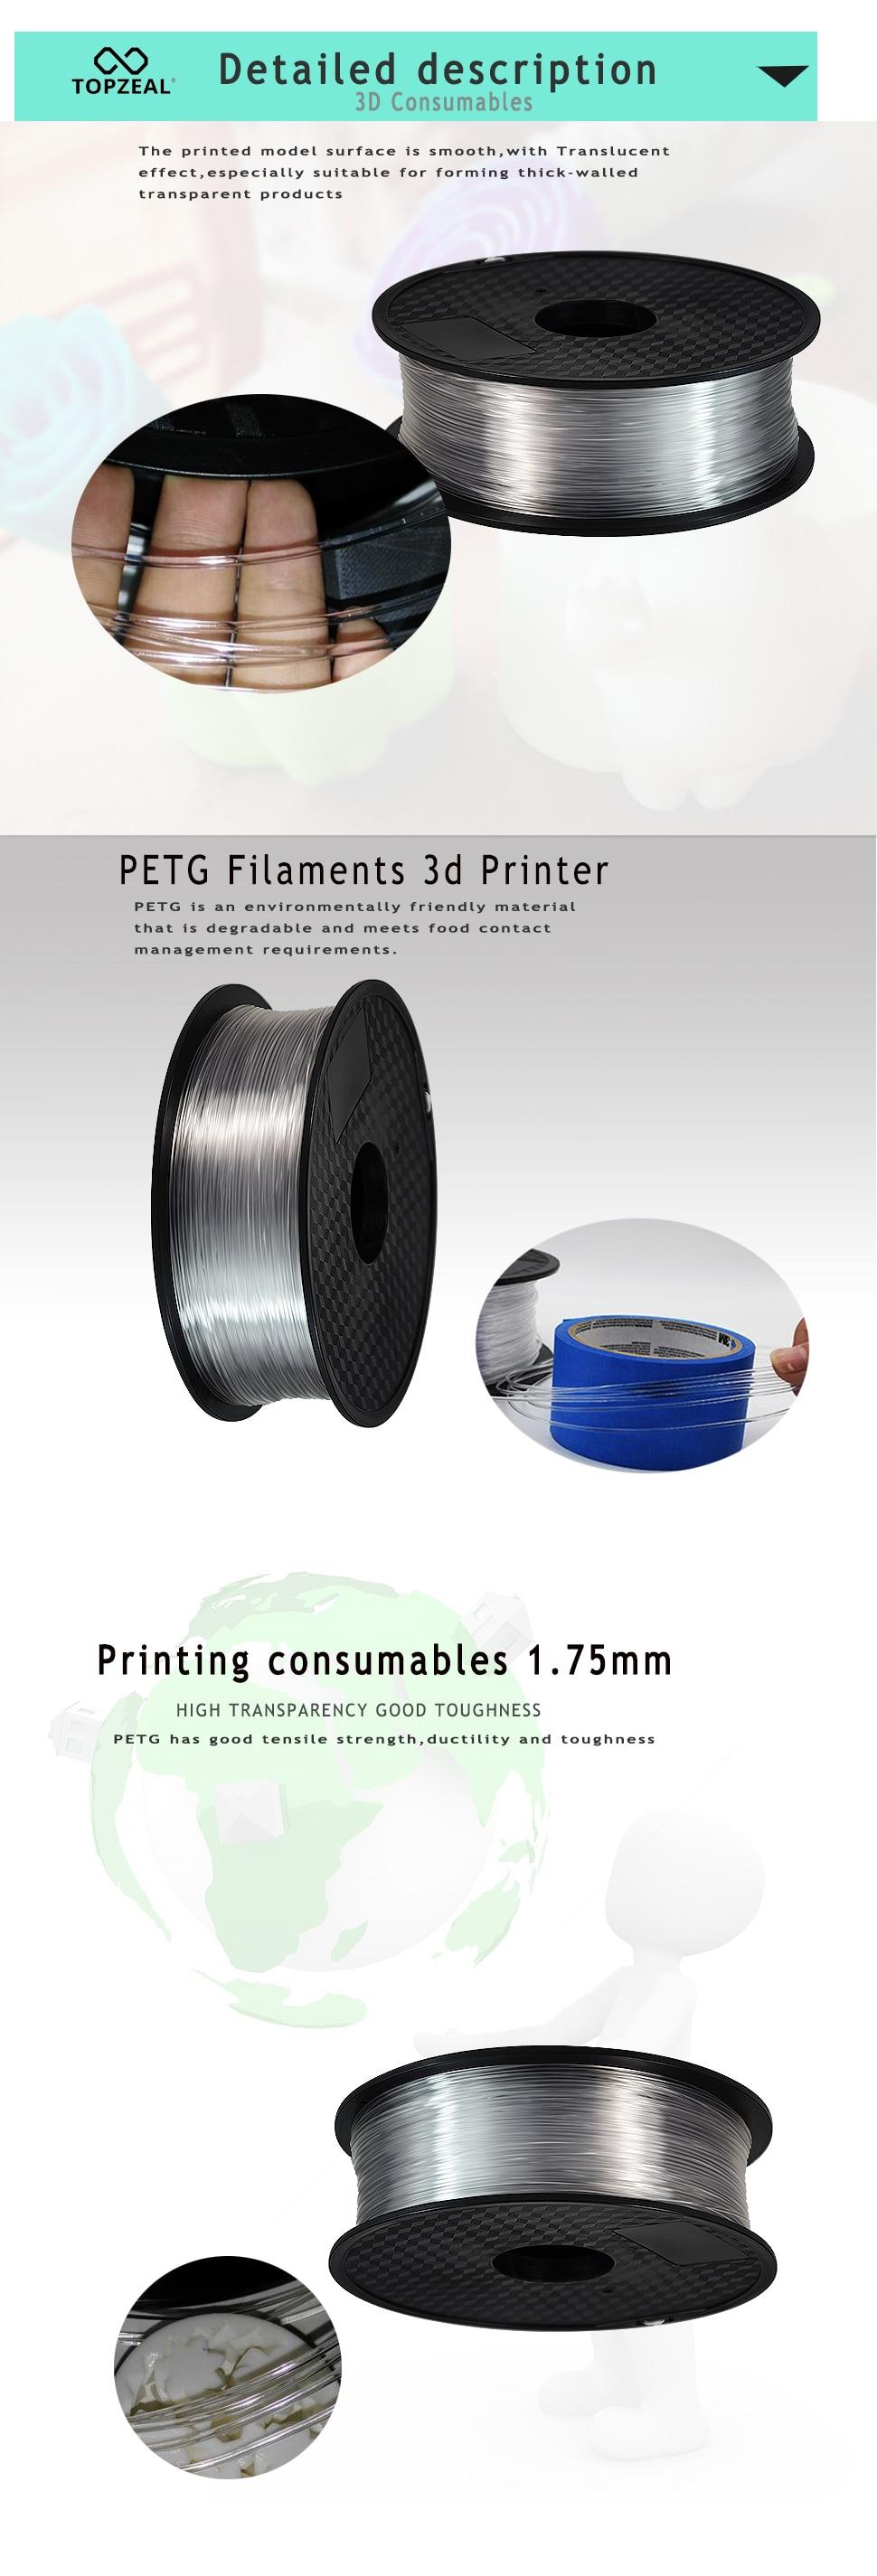 kg qualidade superior filamento da impressão 3d